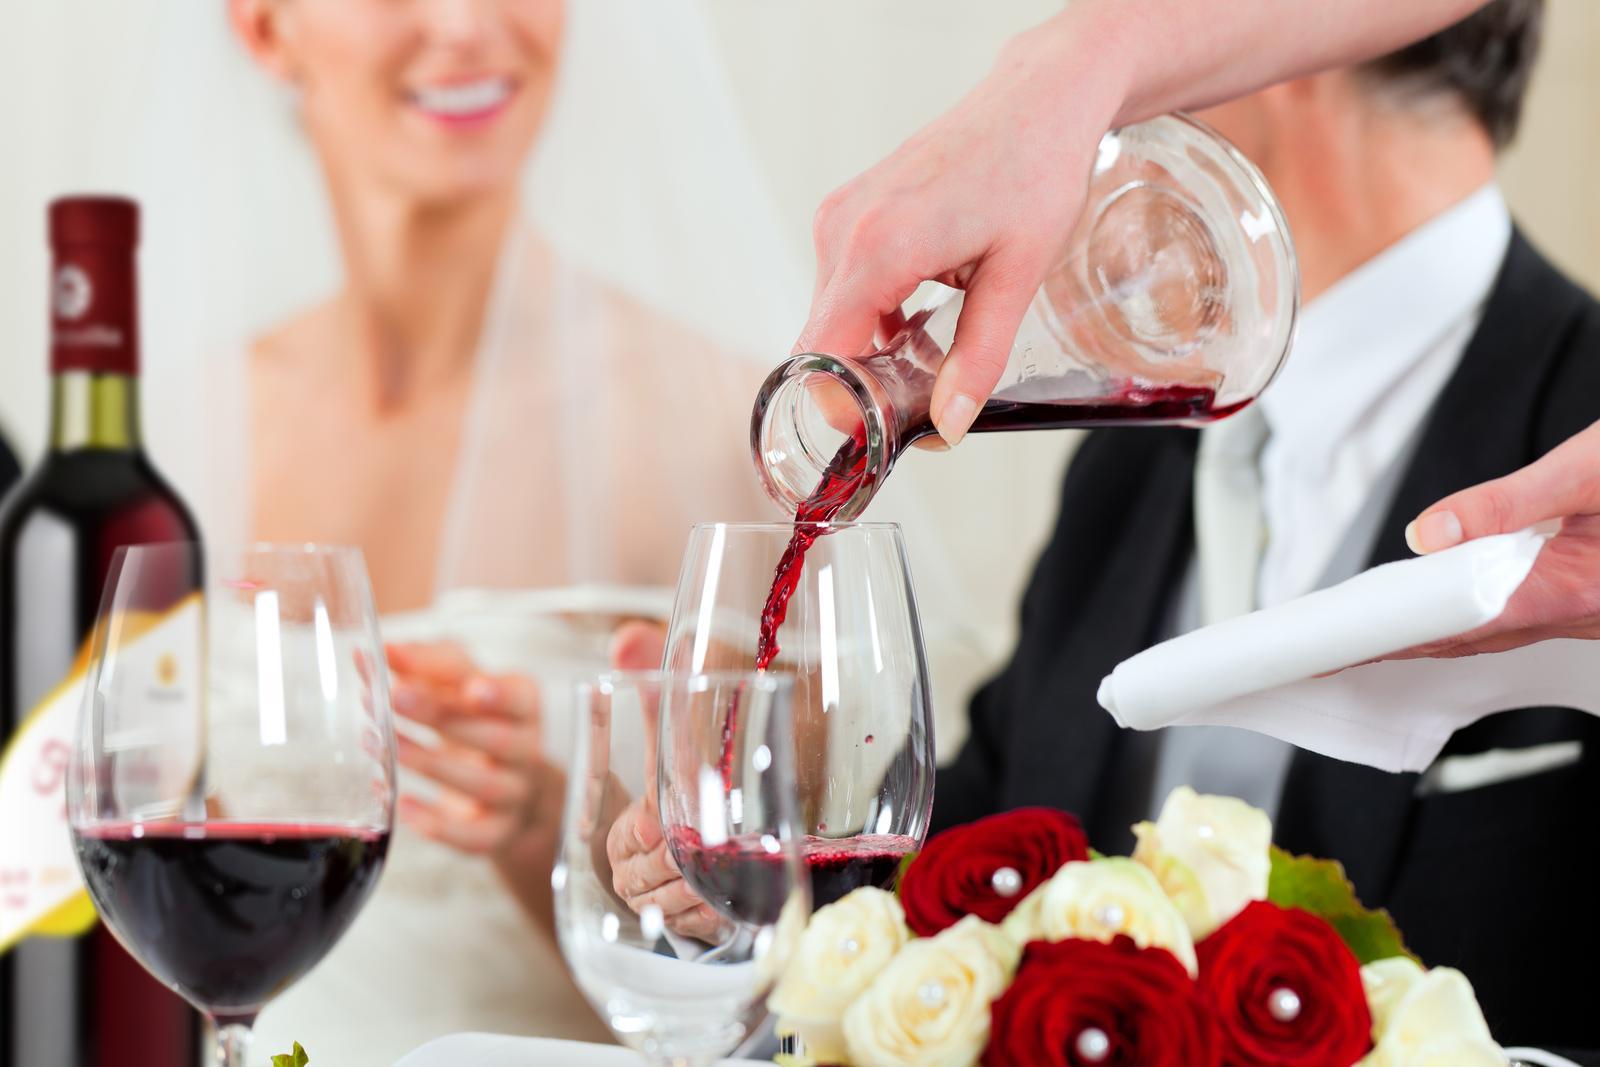 vinomaravilla - Deväť z desiatich vinárov odporúča svoje víno.. nenechajte sa zmiasť a vyberte si u nás práve to, ktoré sa vám bude pozdávať najviac.